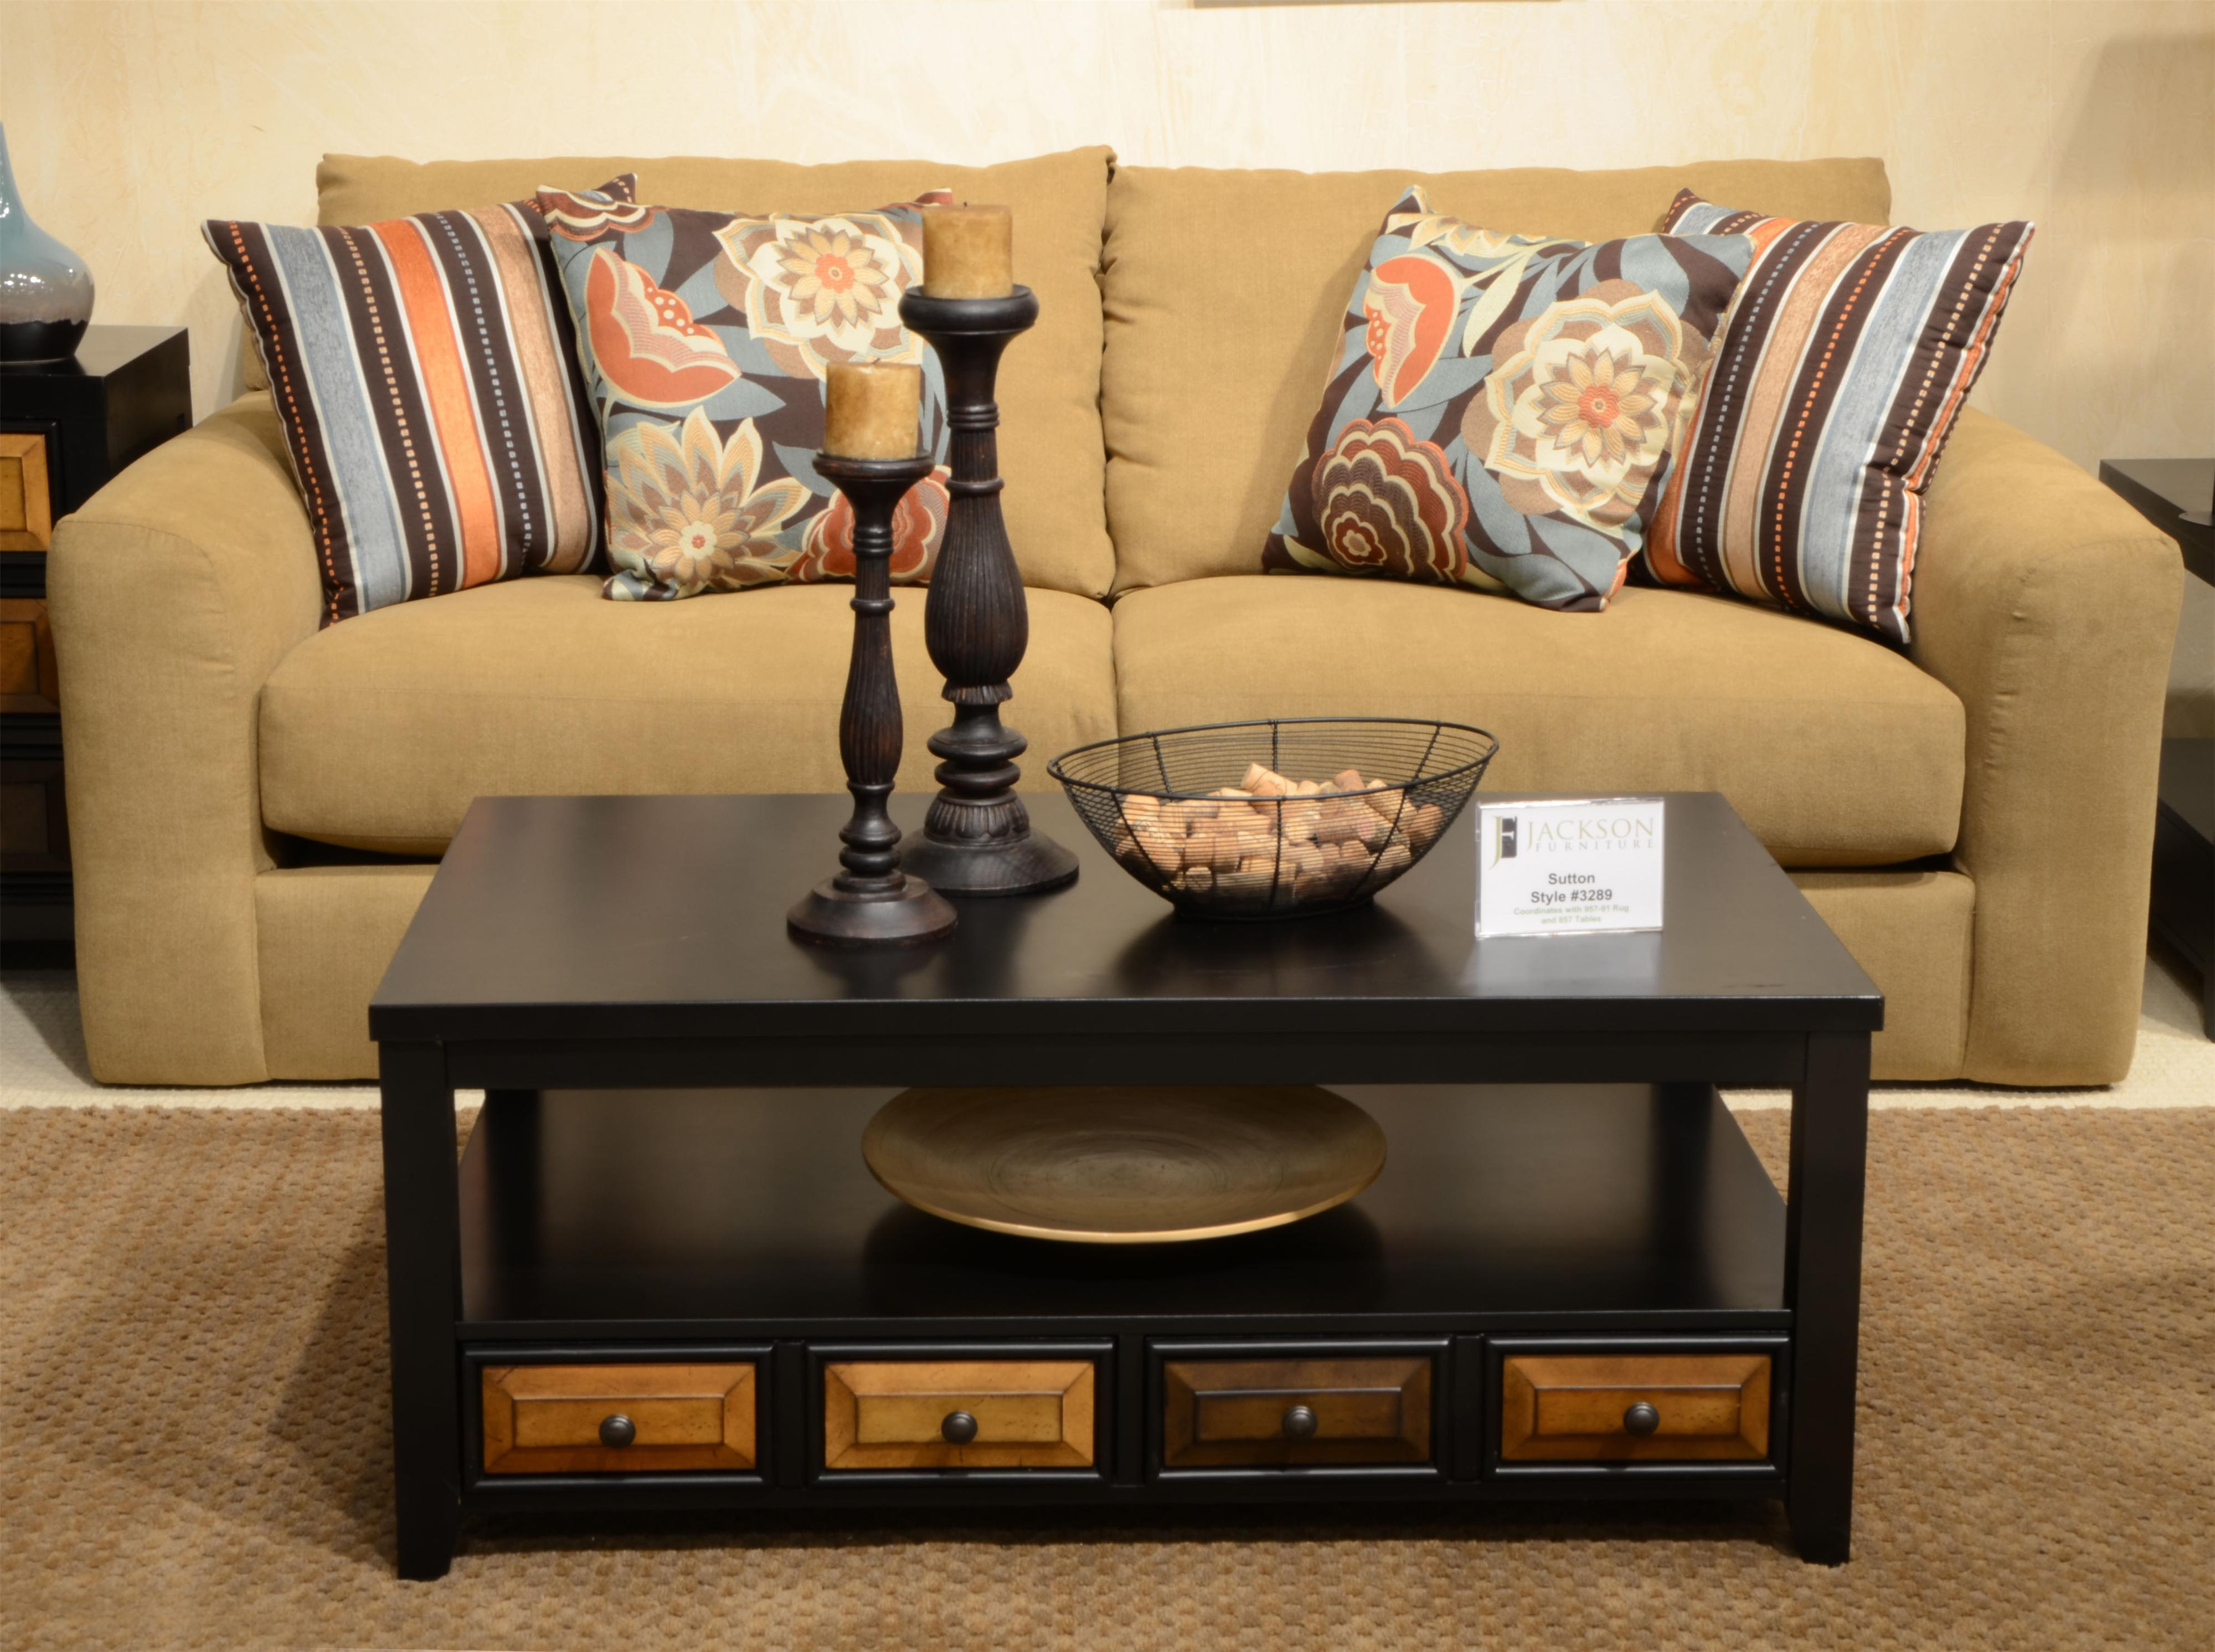 Marvelous Jackson Furniture Sutton Sleeper Sofa   Item Number: 3289 04 Treasure